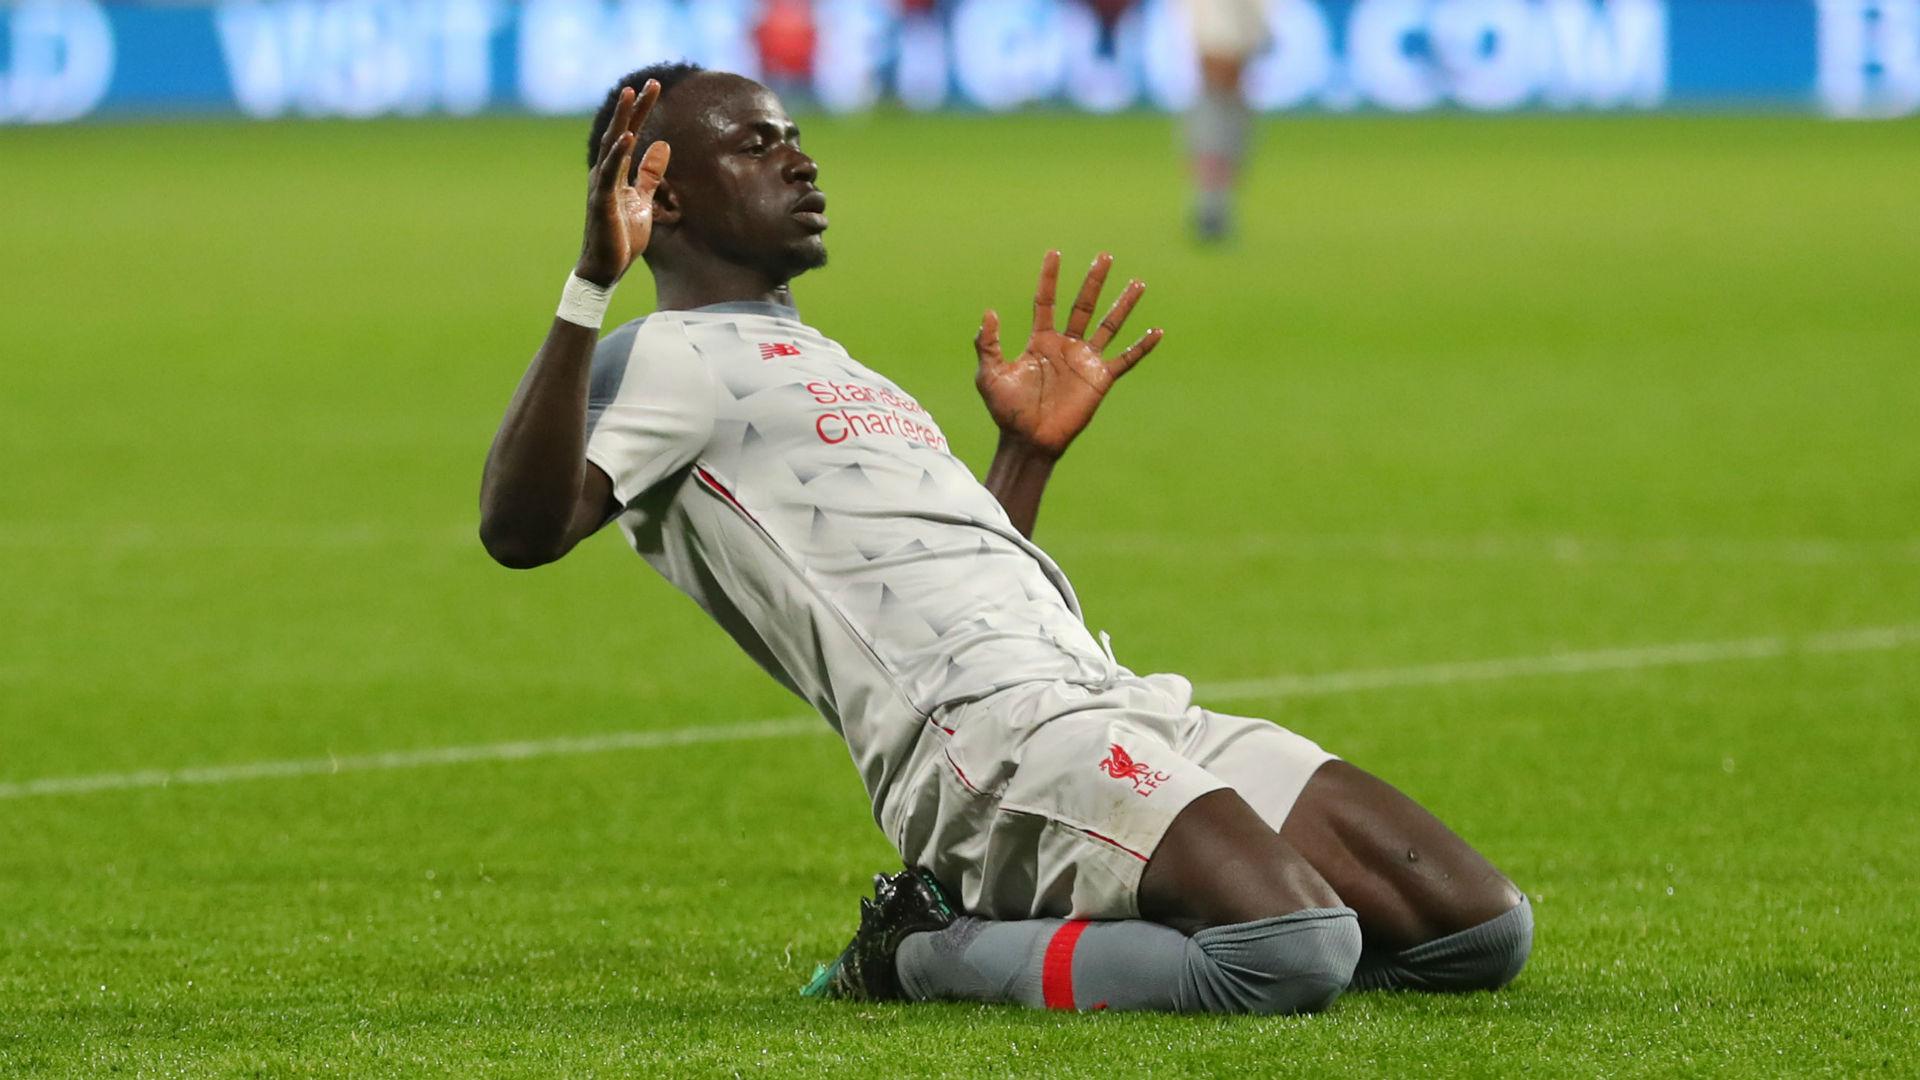 Mane berkata kemenangan lewat itu meningkatkan semangat The Reds yang akan bertandang ke Southampton, Jumaat ini. - Astro ARENA | Astro Awani